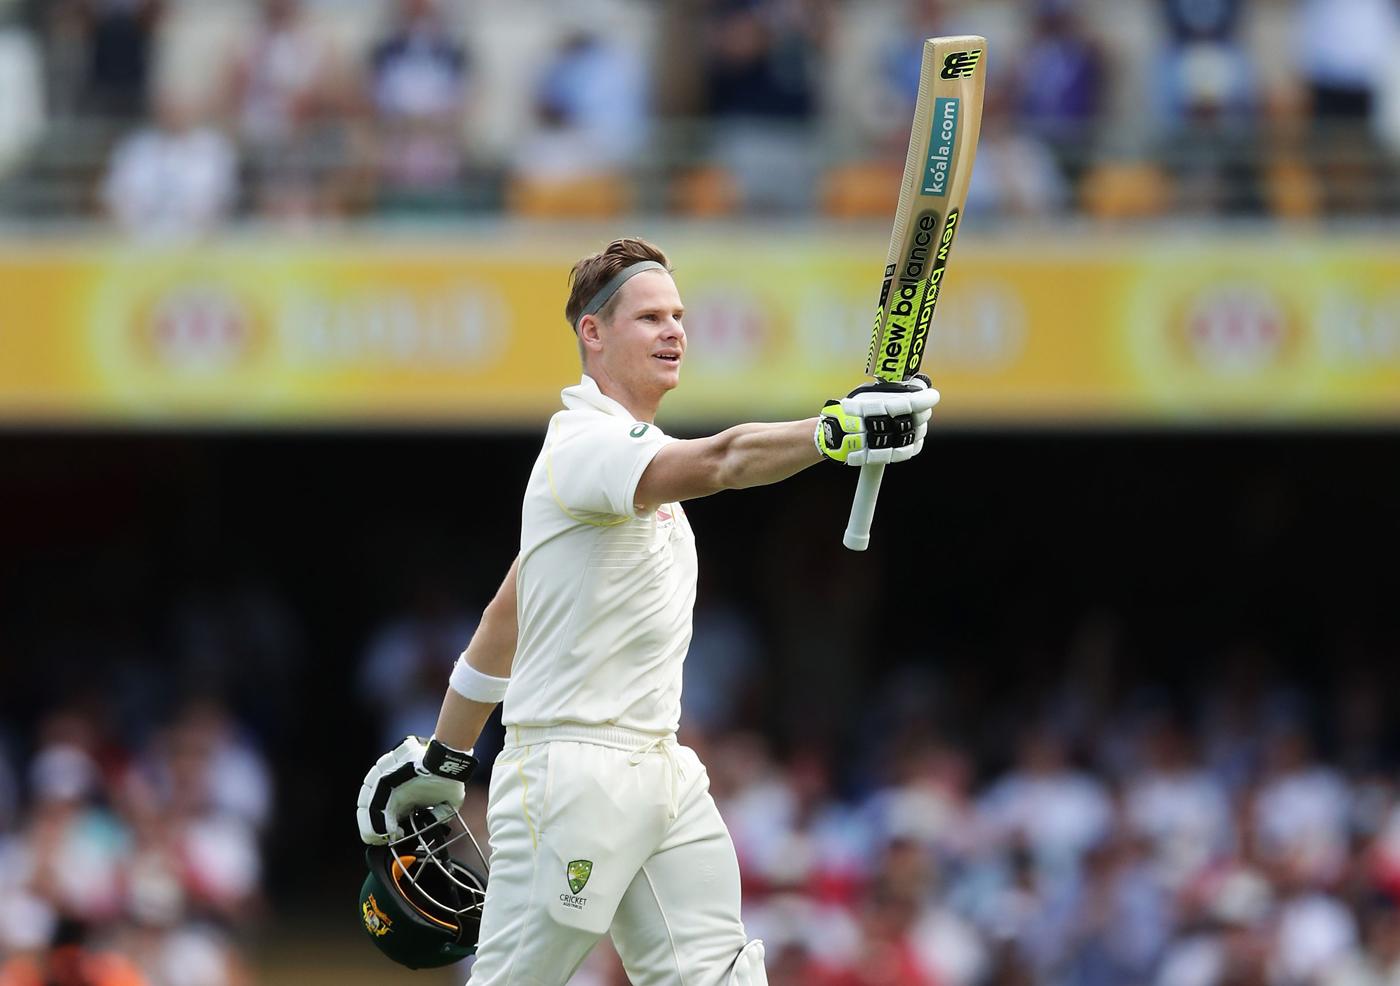 ऑस्ट्रेलियाई कोच जस्टिन लैंगर को उम्मीद, दुसरे टेस्ट में इंग्लैंड के लिए खतरा साबित होगा ये खिलाड़ी 2